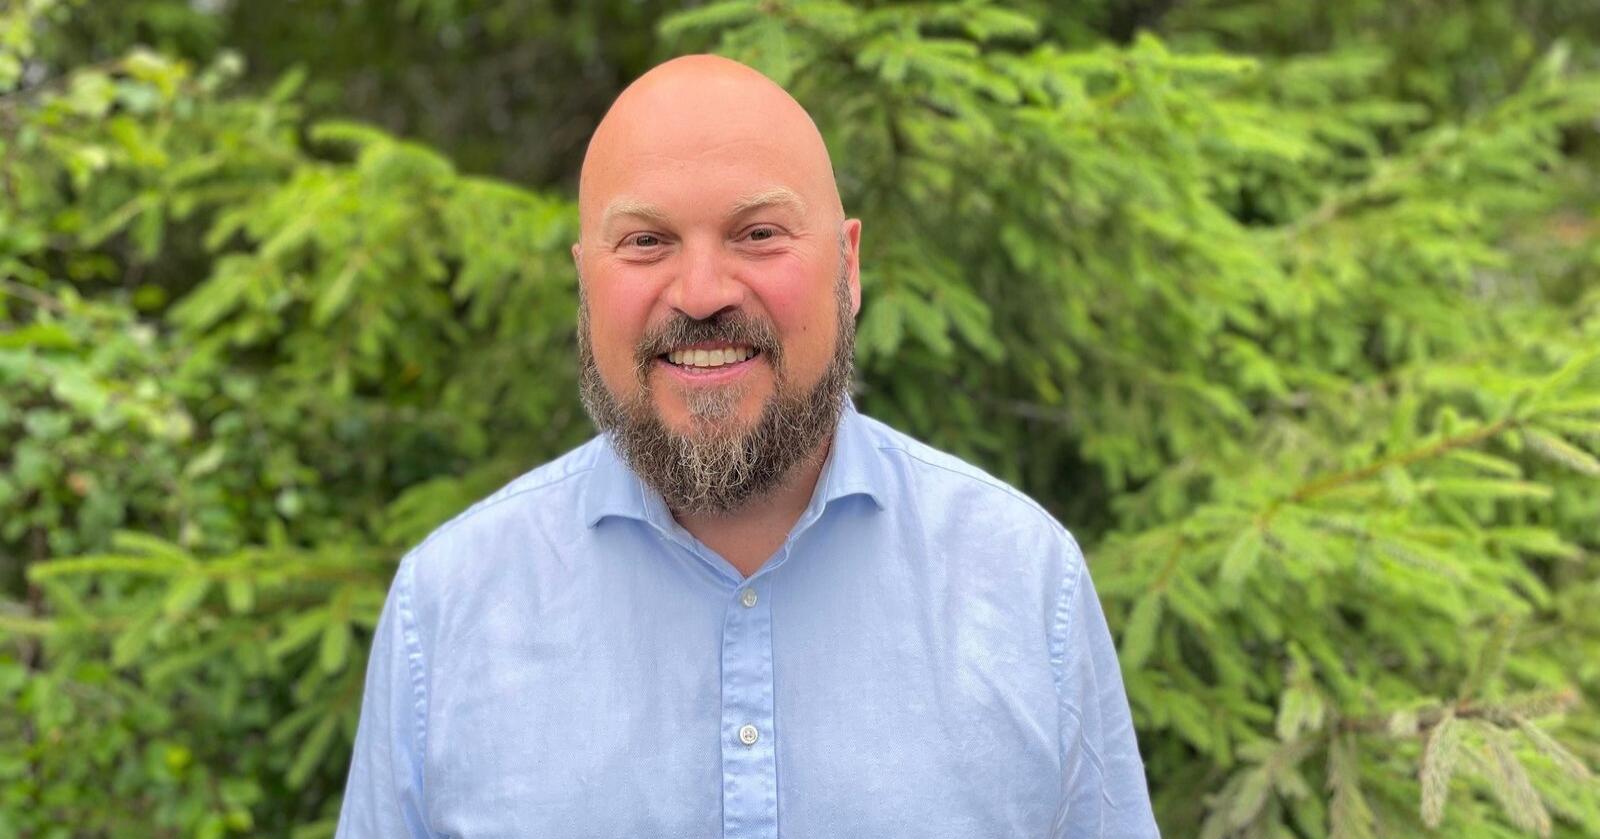 Stig Hellerud tok over som daglig leder i Stora Enso Skog AS 1. april i år. Foto: Stora Enso